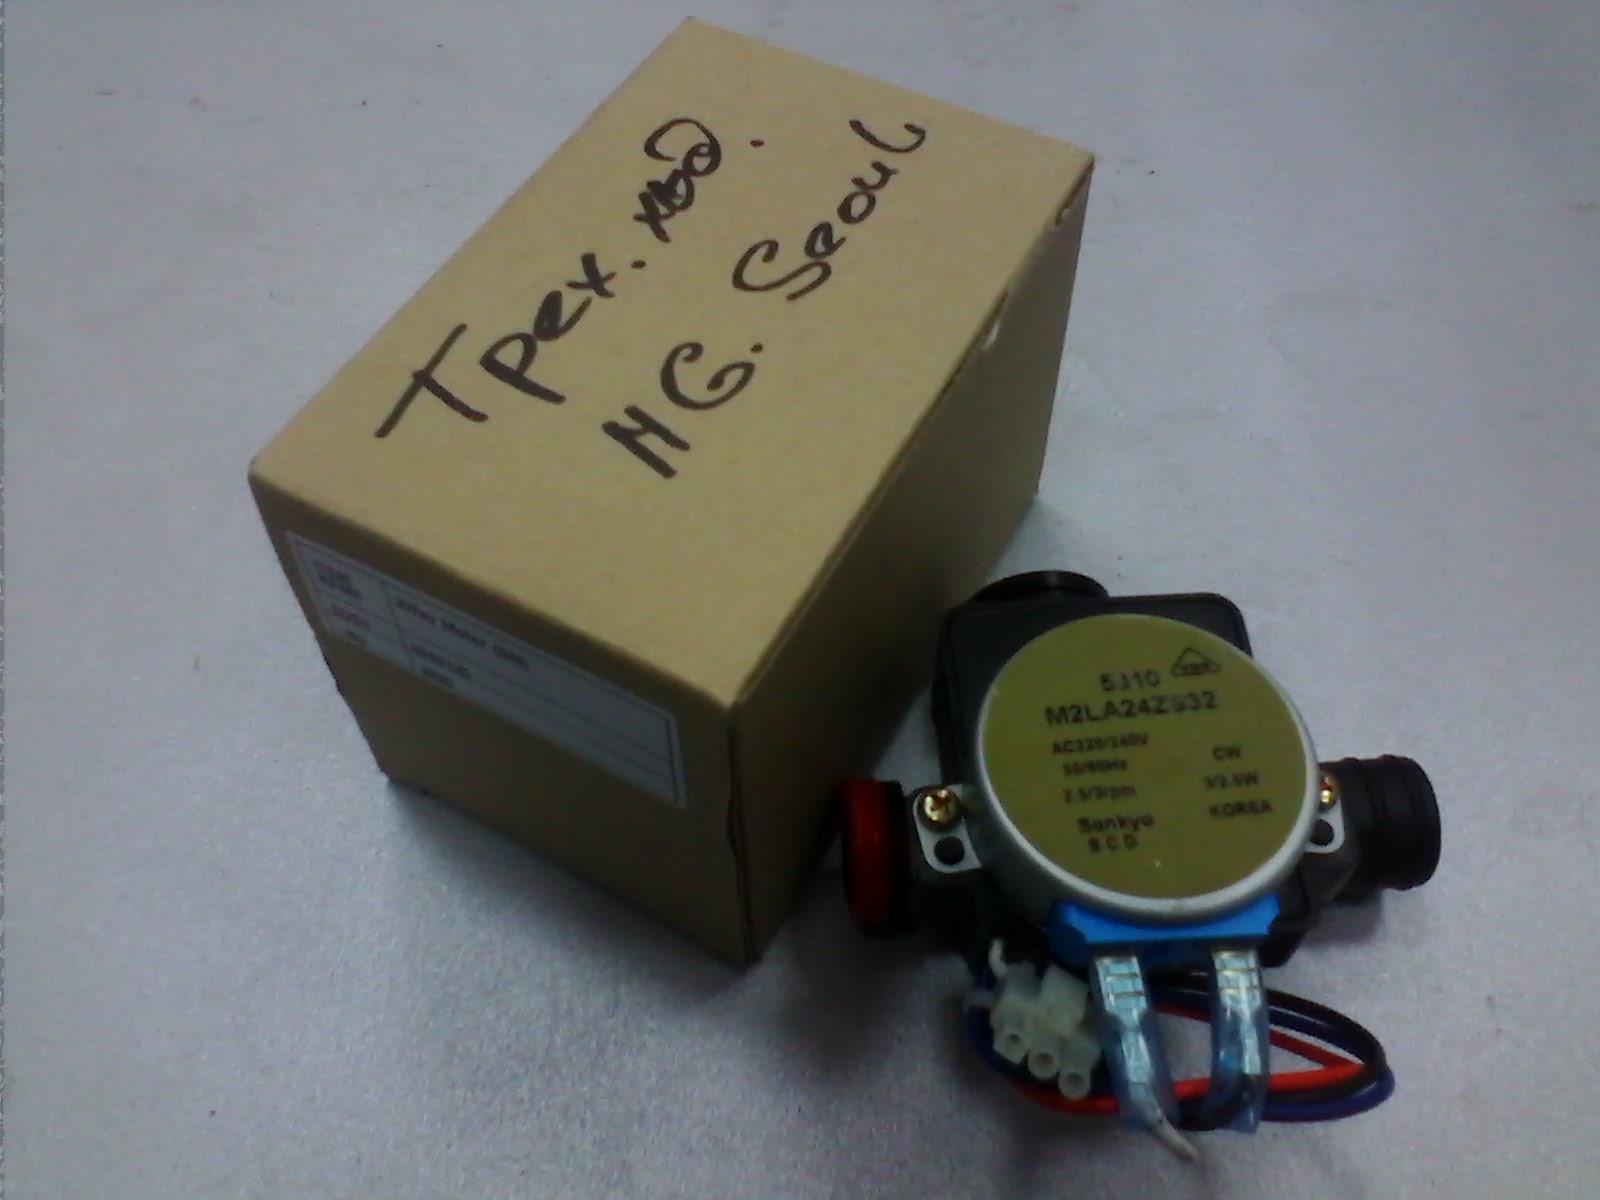 Купить Трехходовой клапан Master Gaz Seul в Златоуст